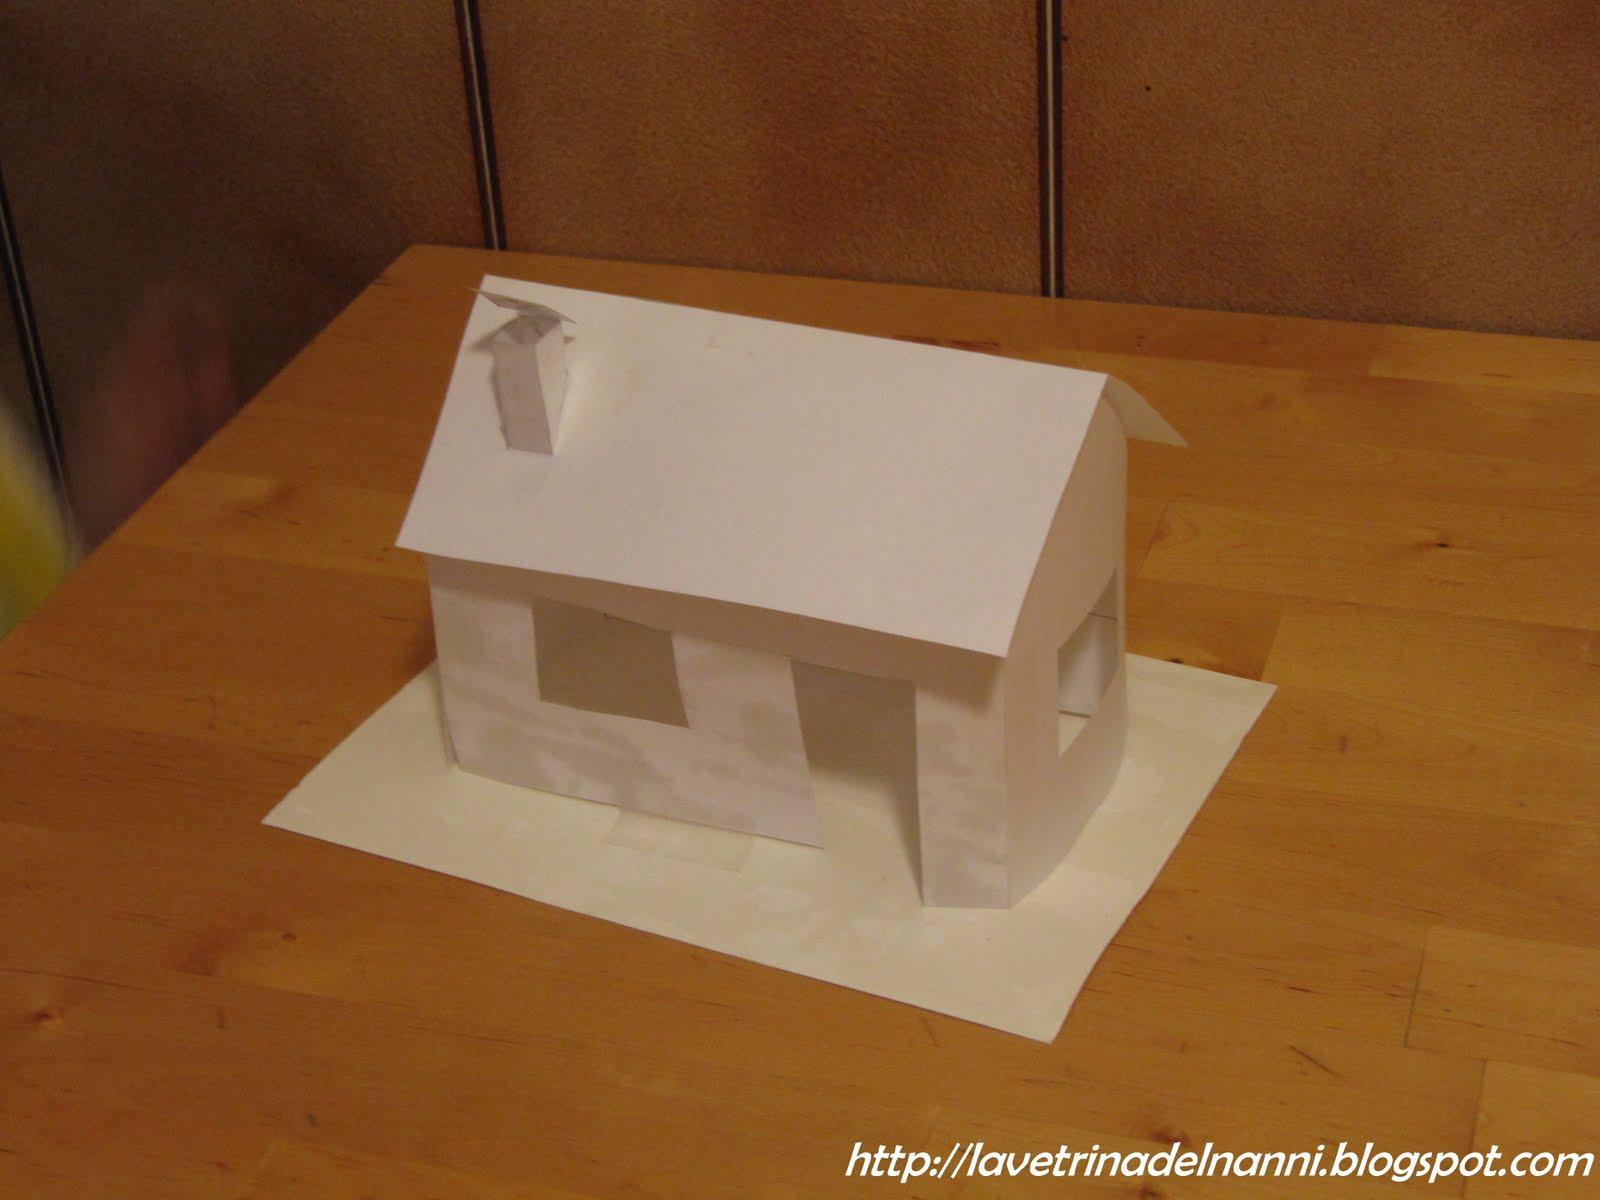 La vetrina del nanni casetta di pasta frolla for Case di tronchi economici da costruire